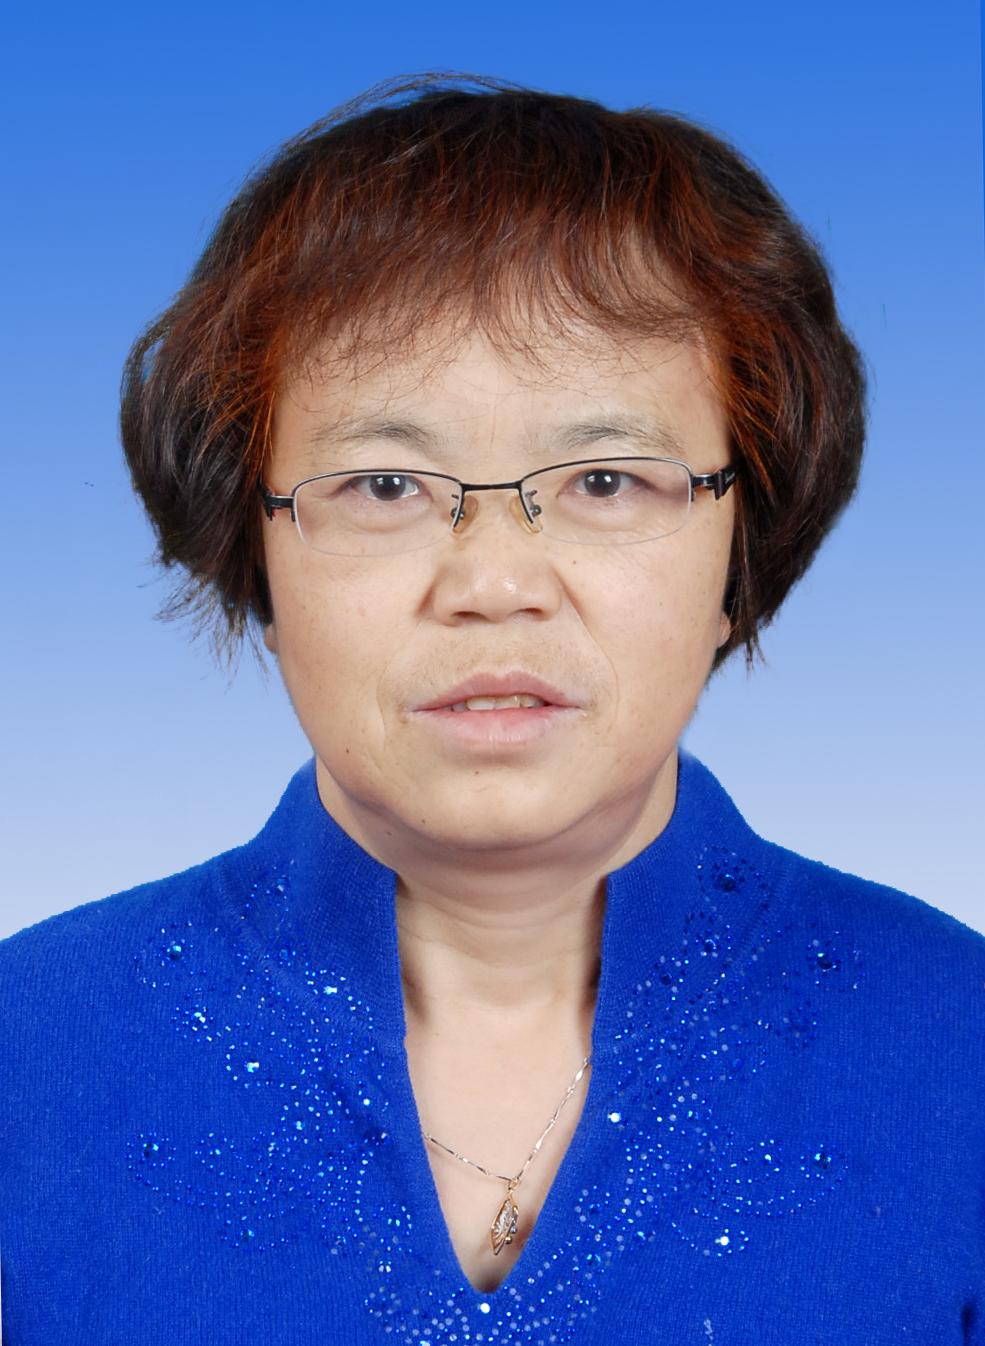 Shilan Feng